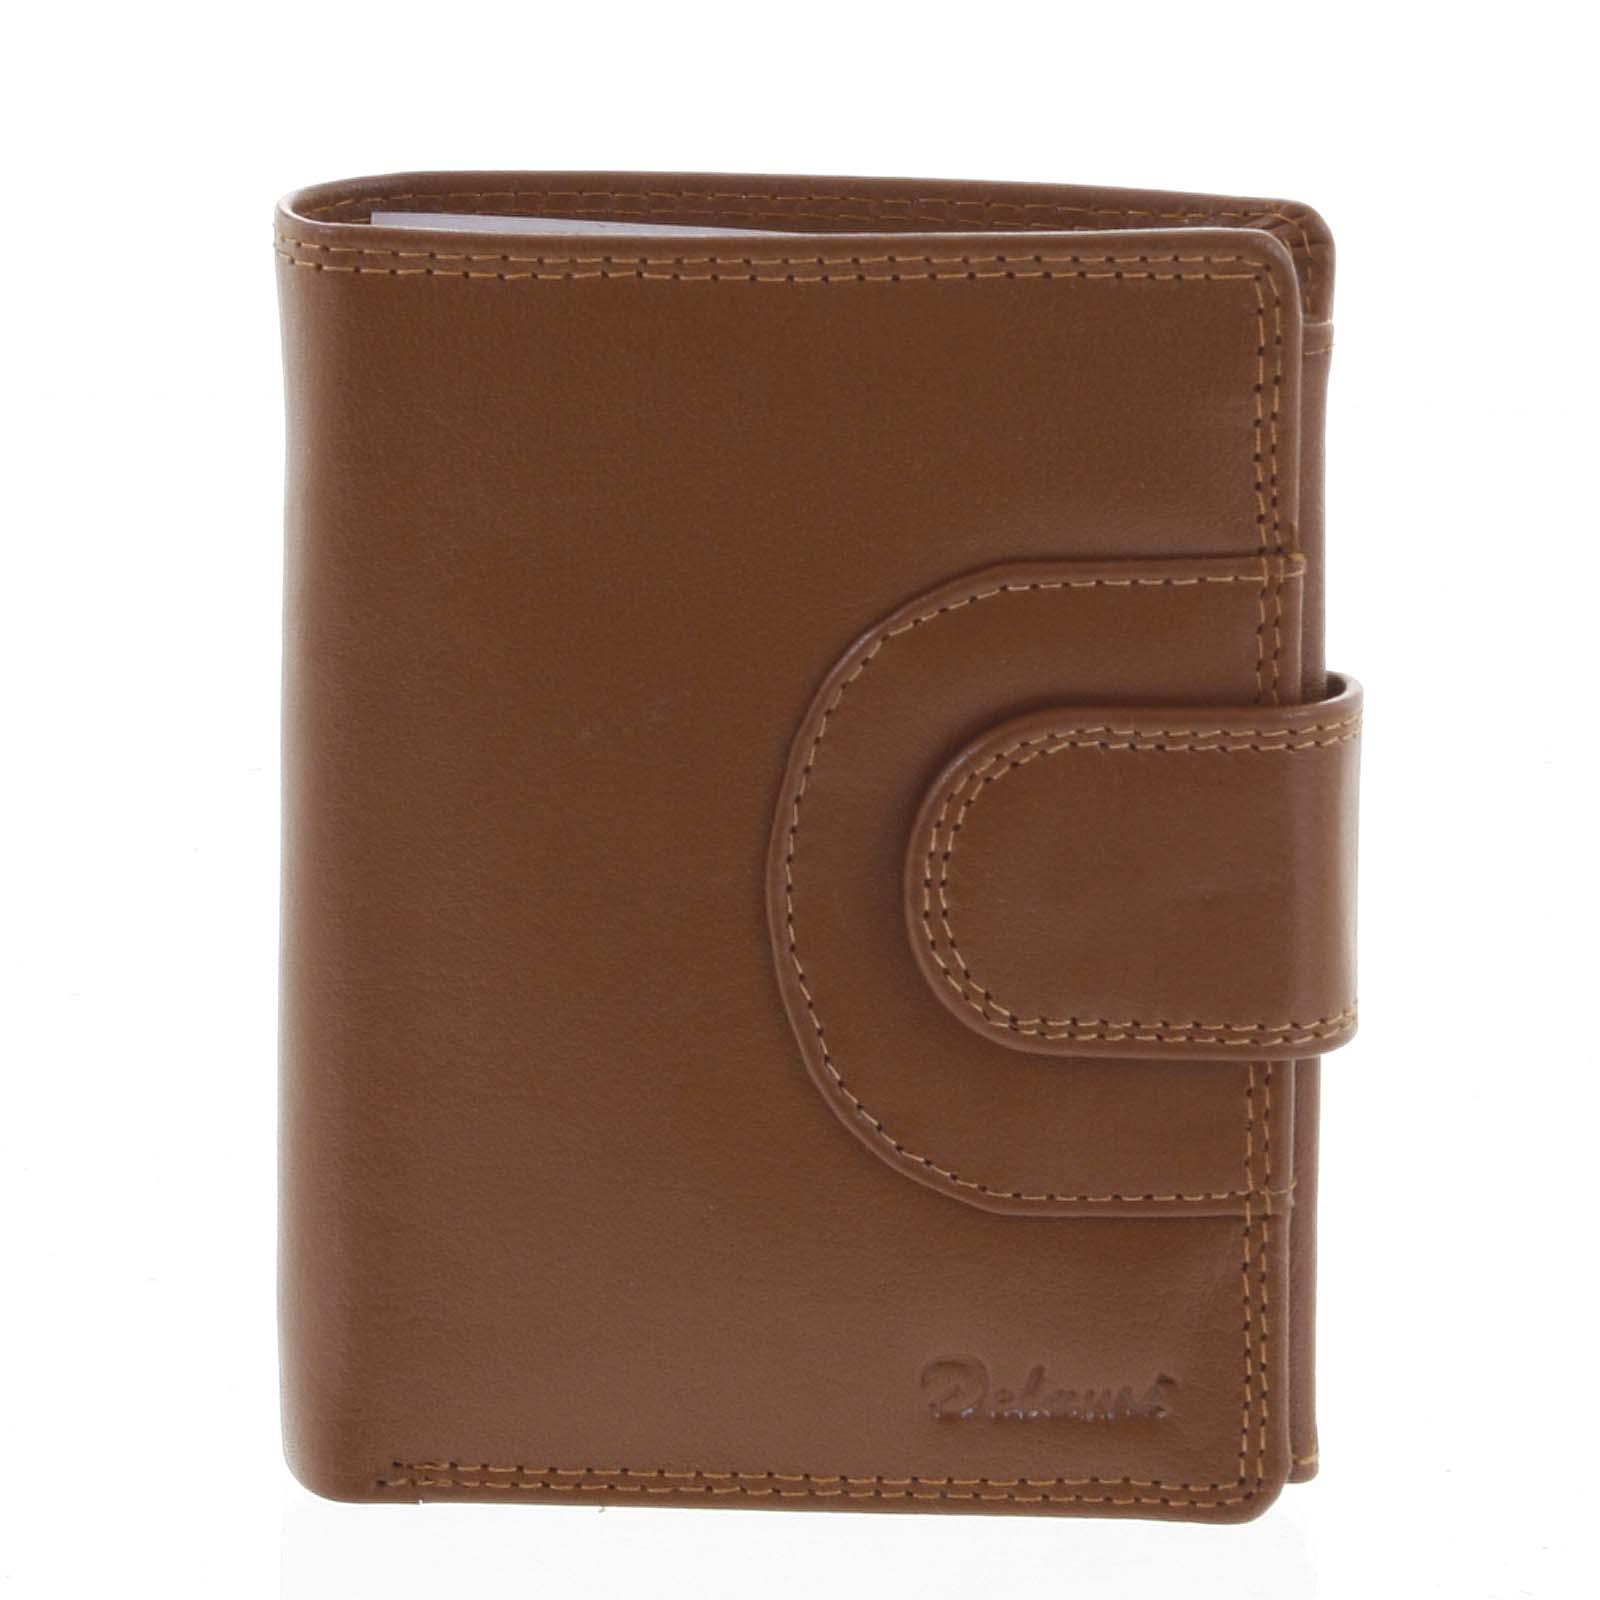 Pánská kožená peněženka světle hnědá - Delami Armando